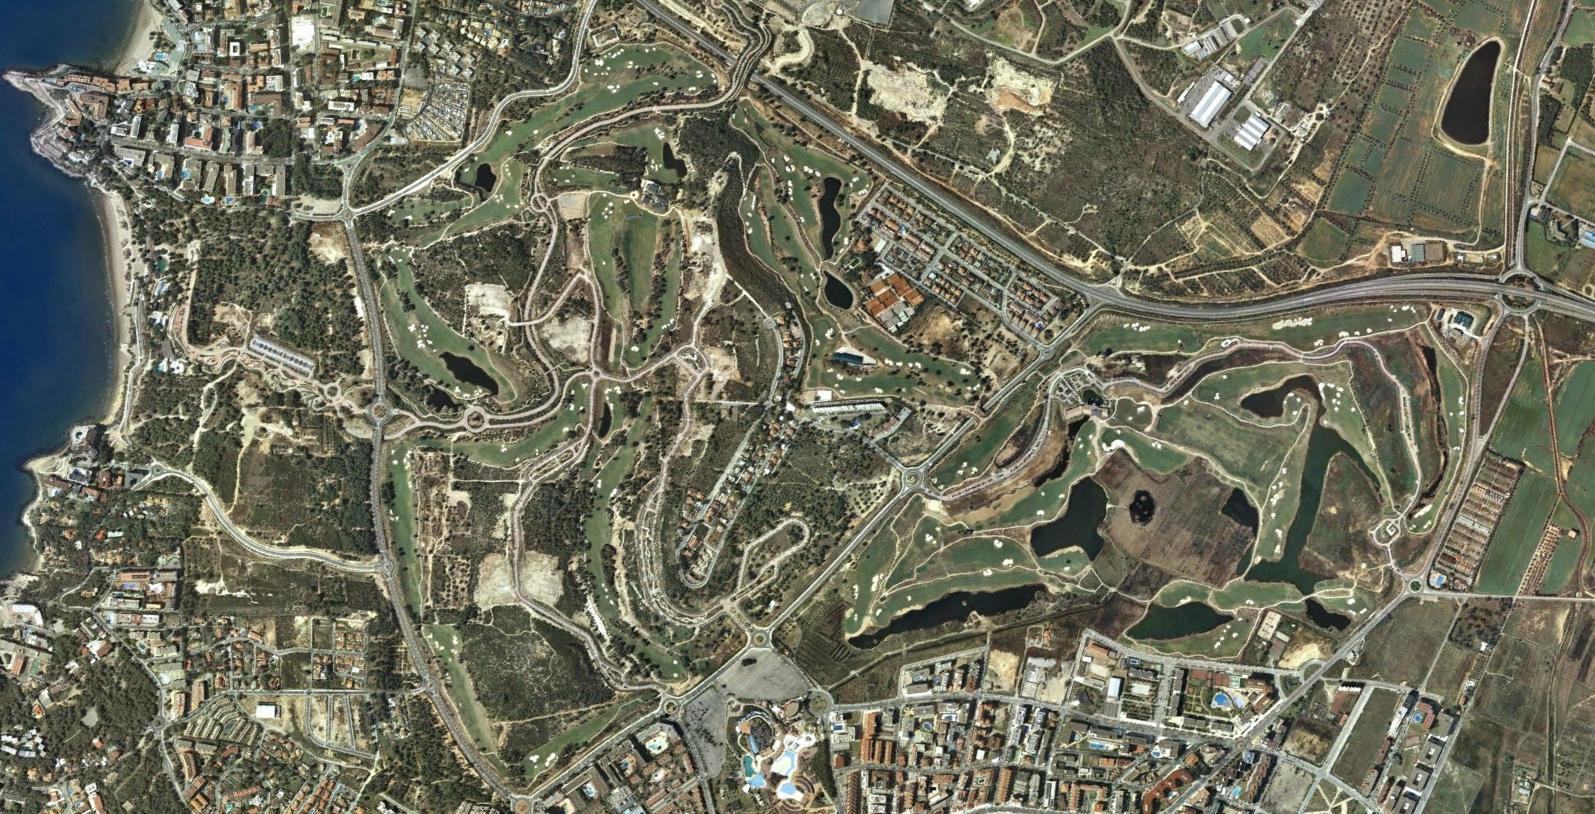 BCN world, salou, tarragona, de un sitio y no, antes, urbanismo, planeamiento, urbano, desastre, urbanístico, construcción